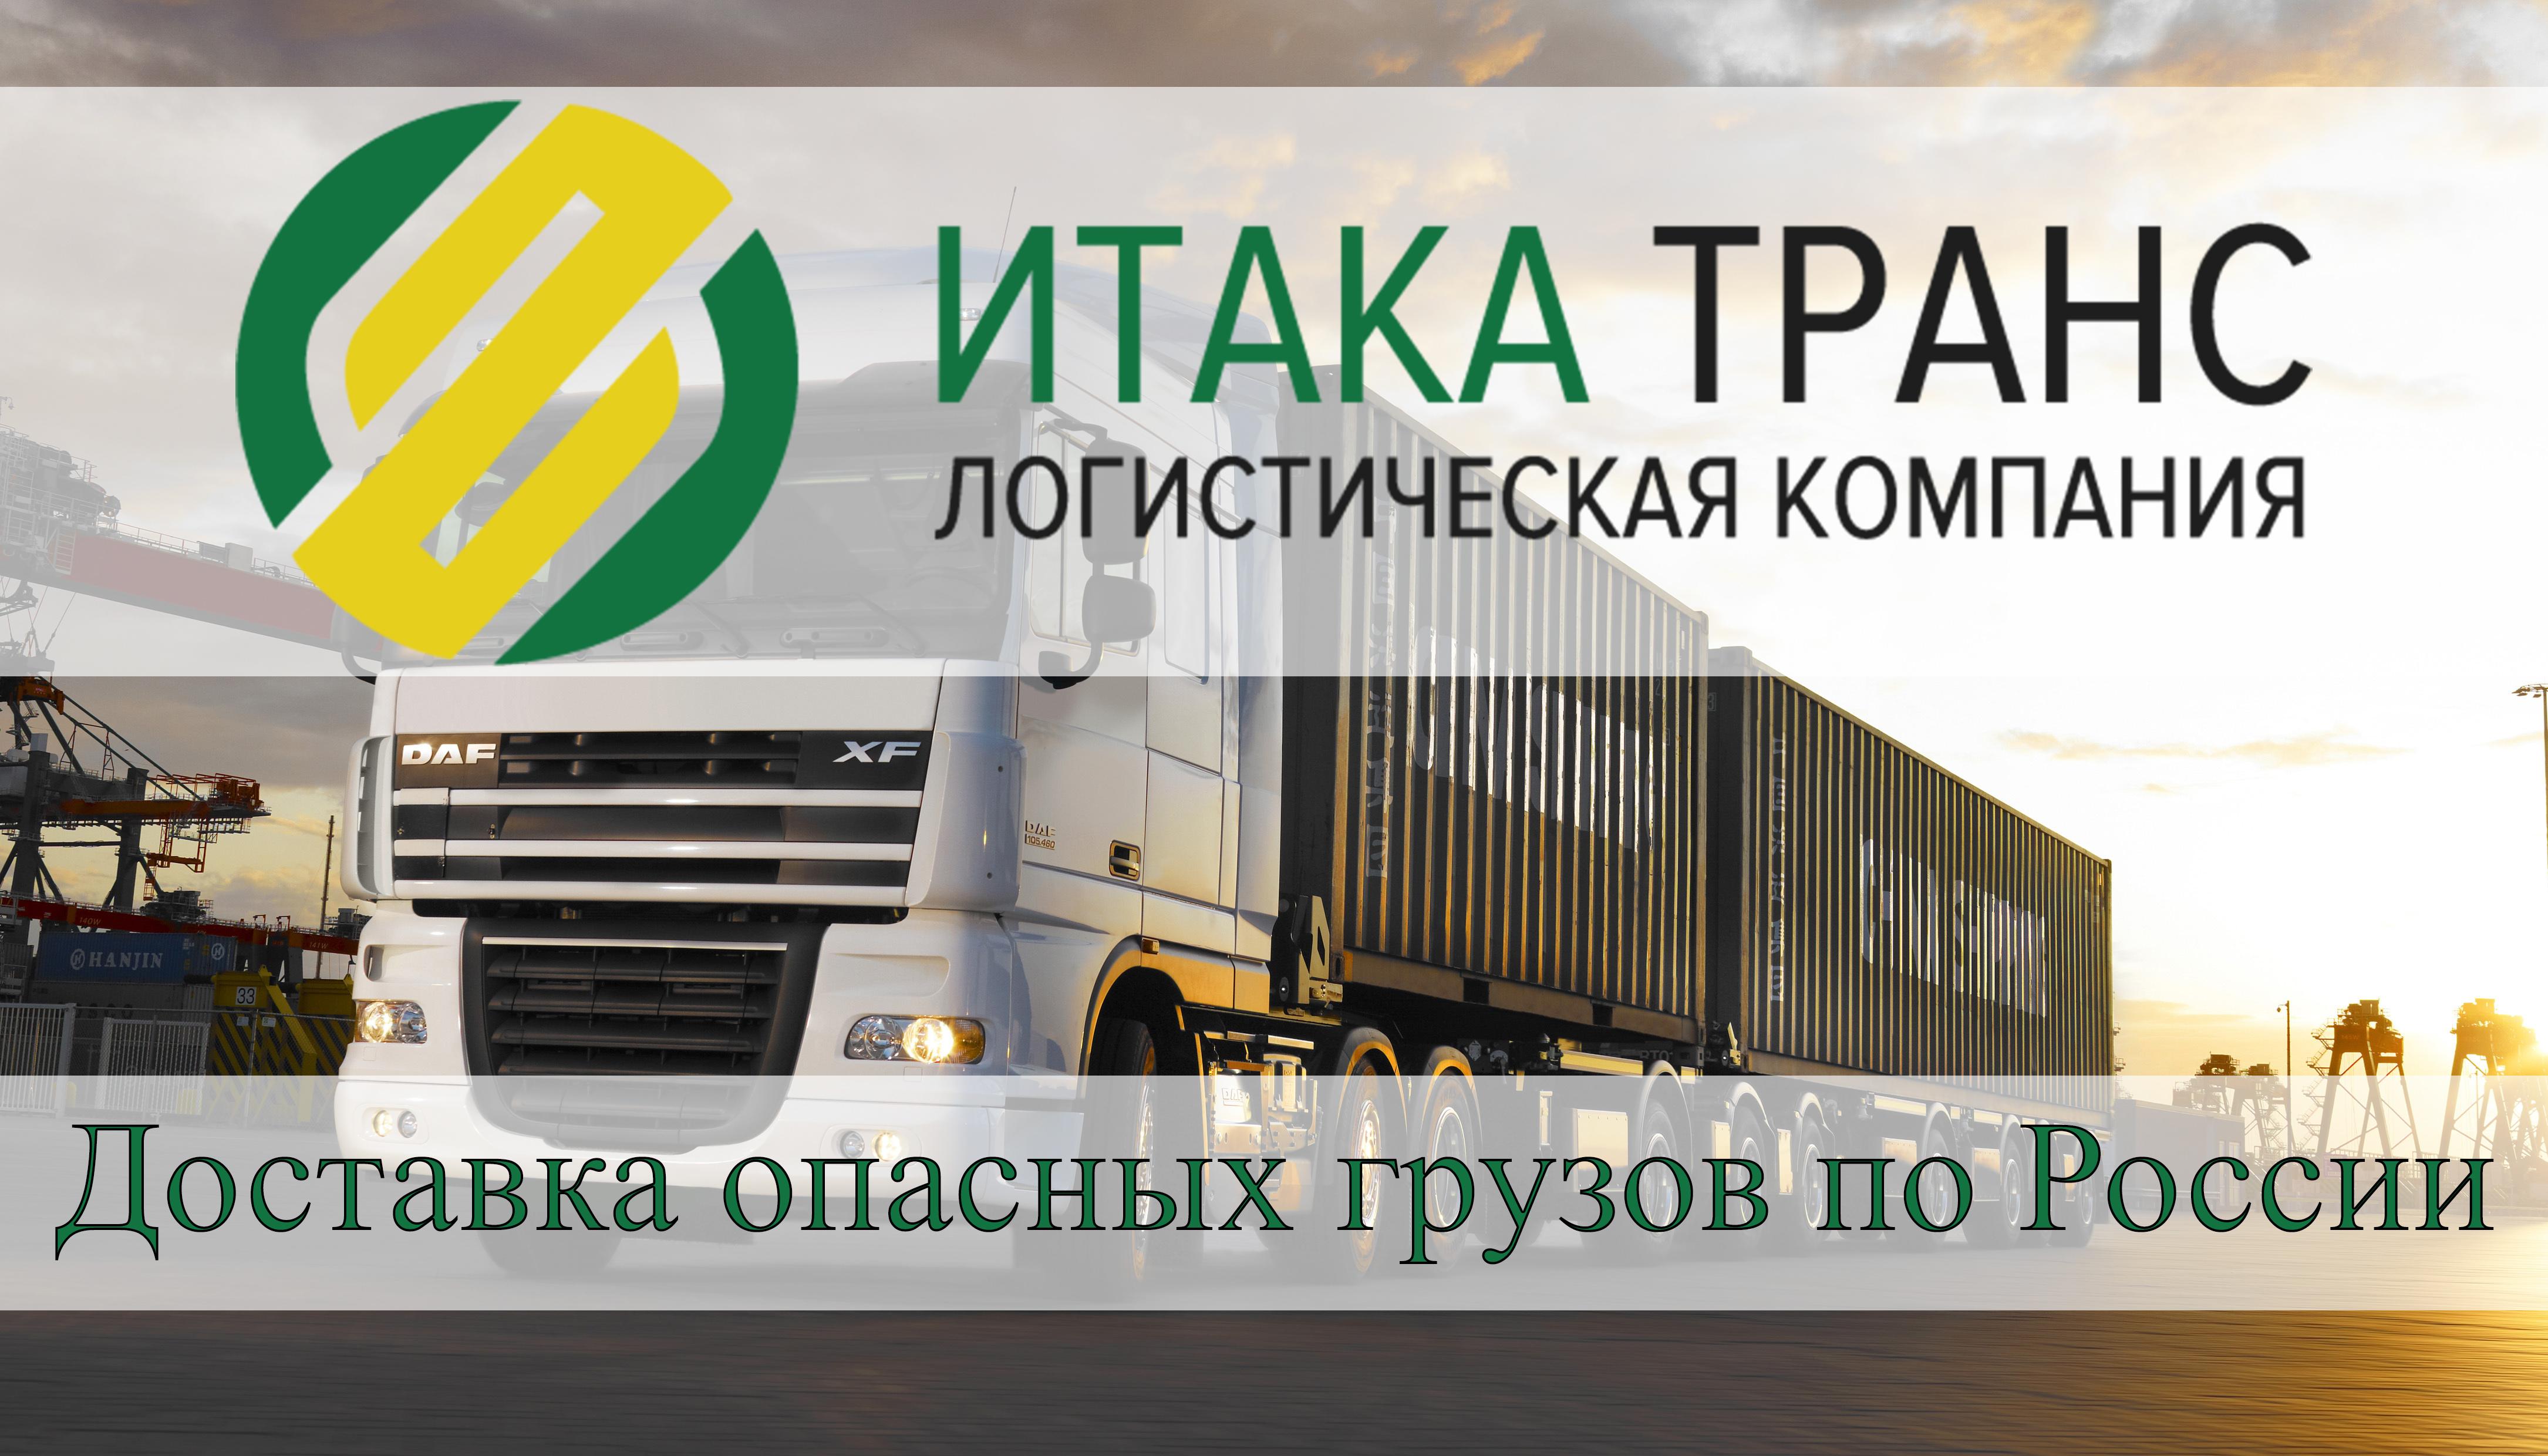 доставка опасных грузов по России